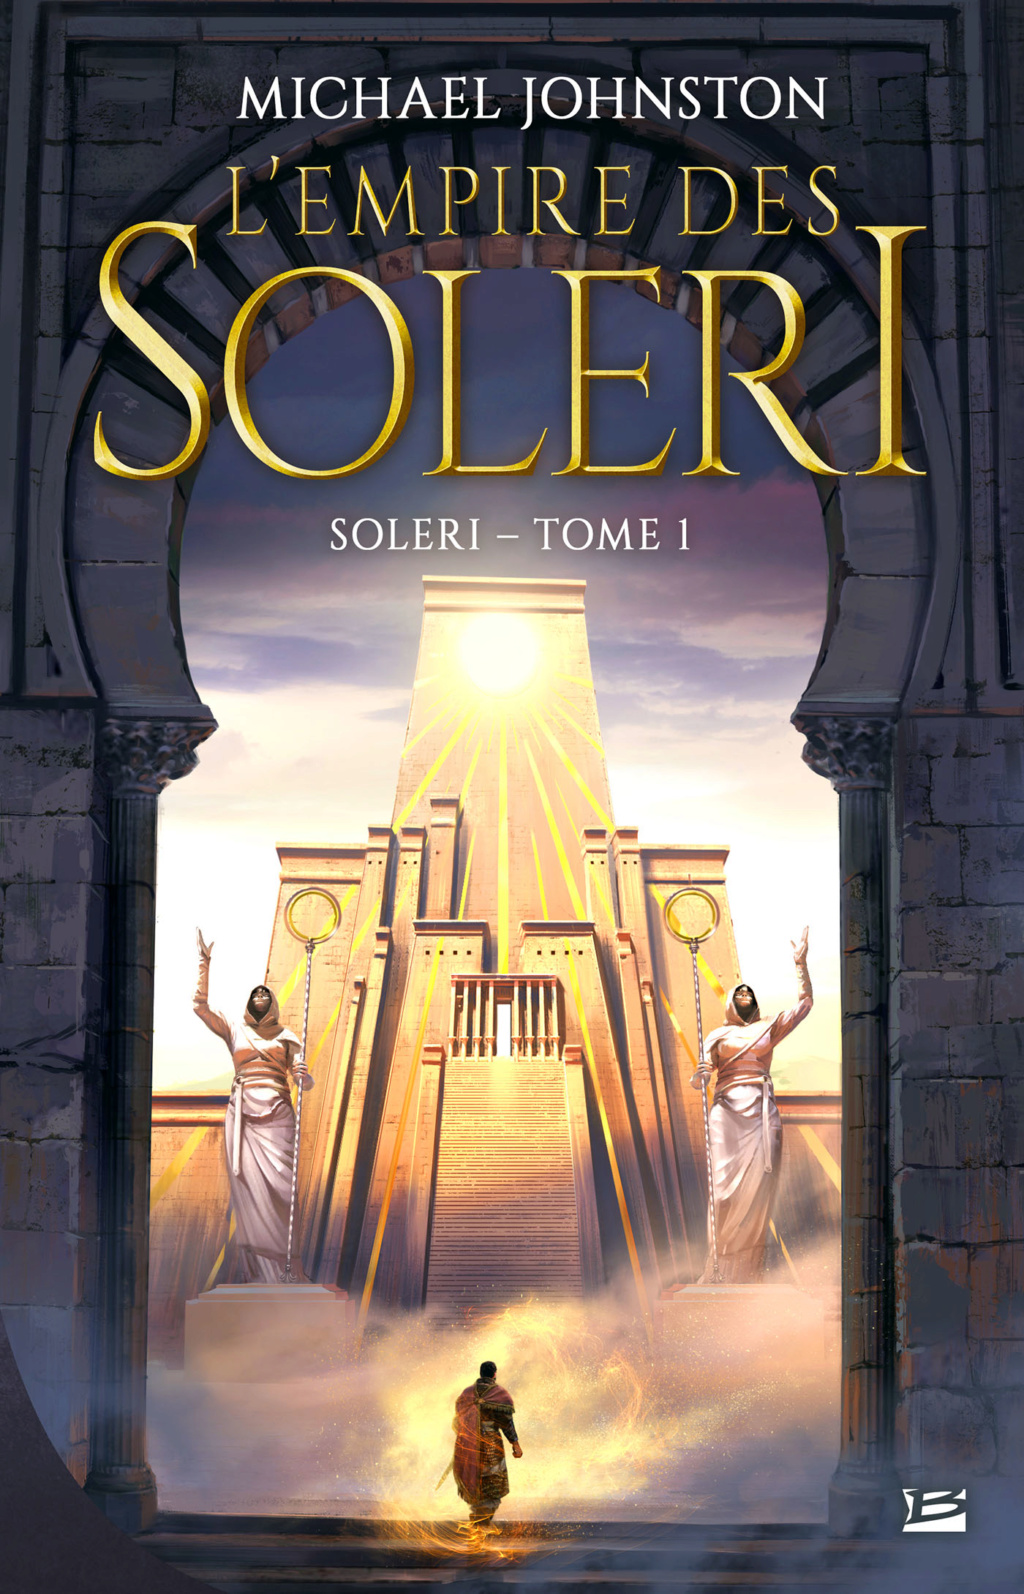 soleri10.png